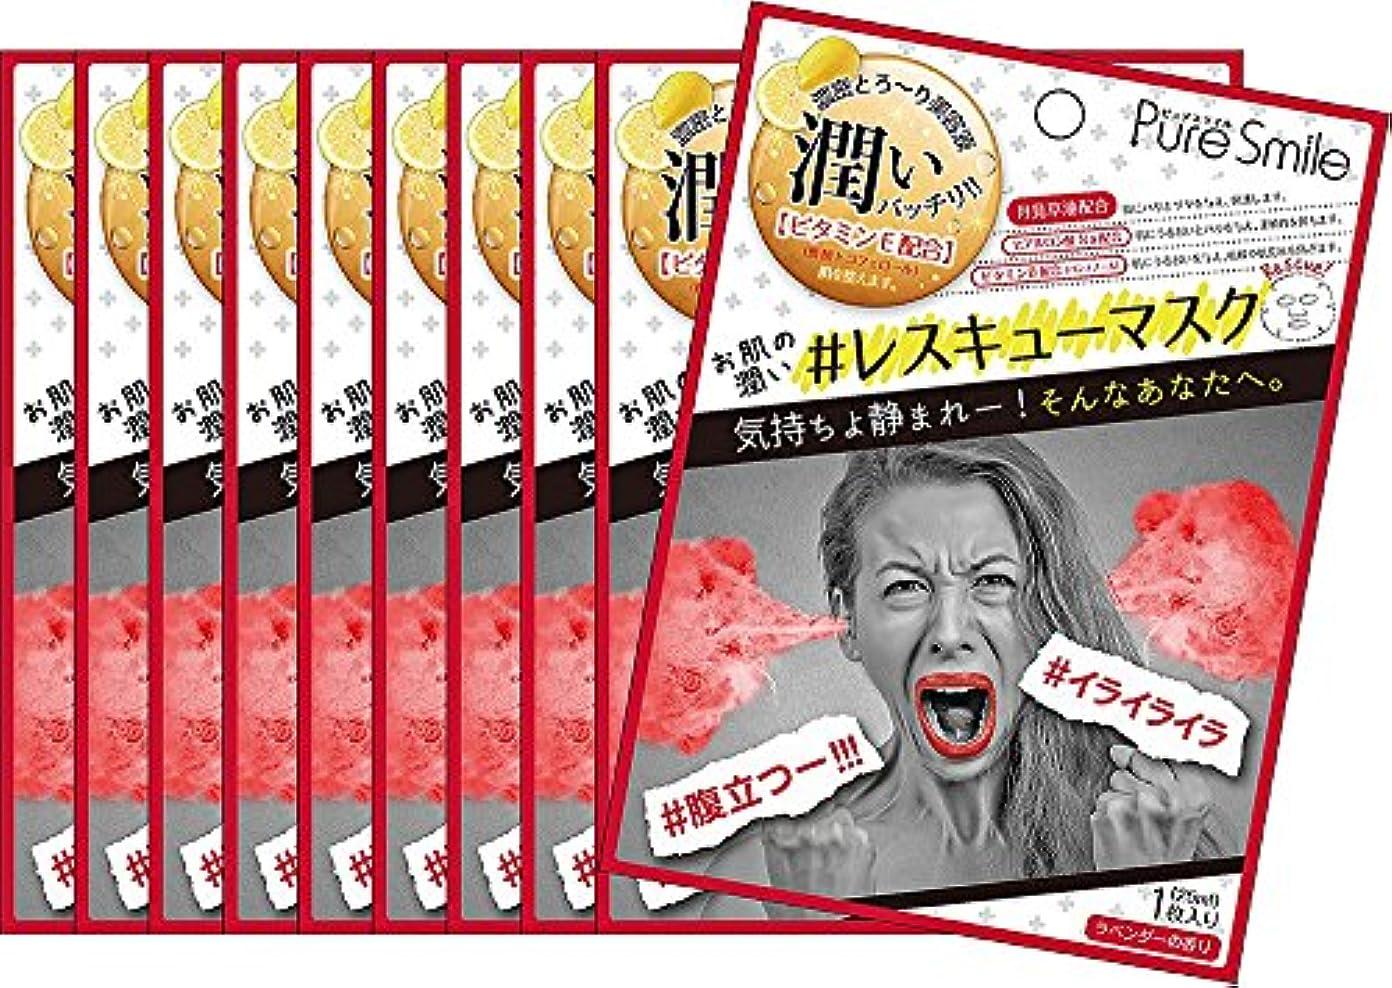 詐欺相互接続統計的ピュアスマイル 『レスキューマスク』【ぶち切れ/ラベンダーでレスキュー(ラベンダーの香り)ビタミンE配合】10枚セット